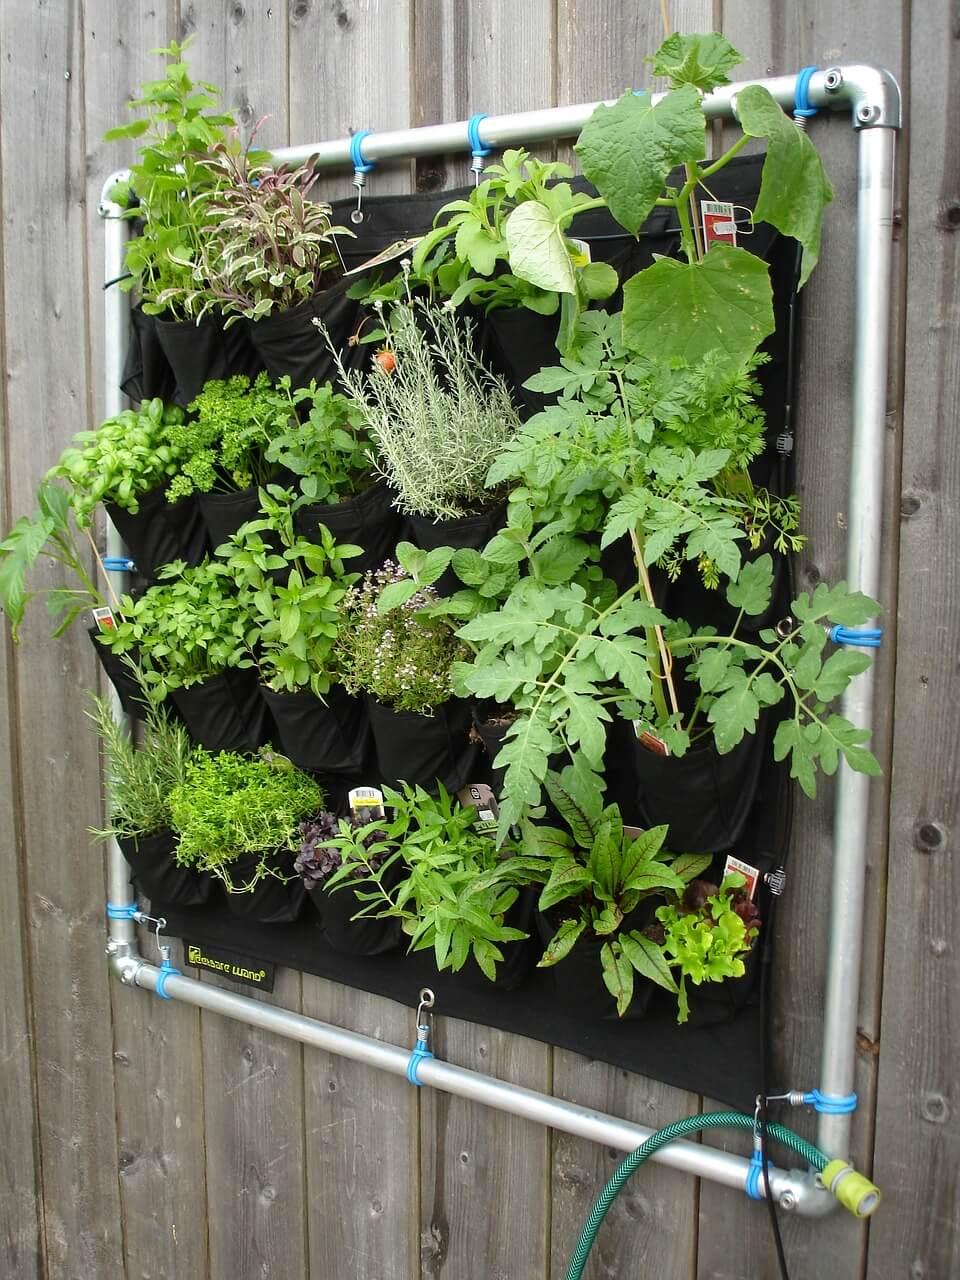 Preferenza 10 idee fai da te per realizzare un giardino verticale FG13